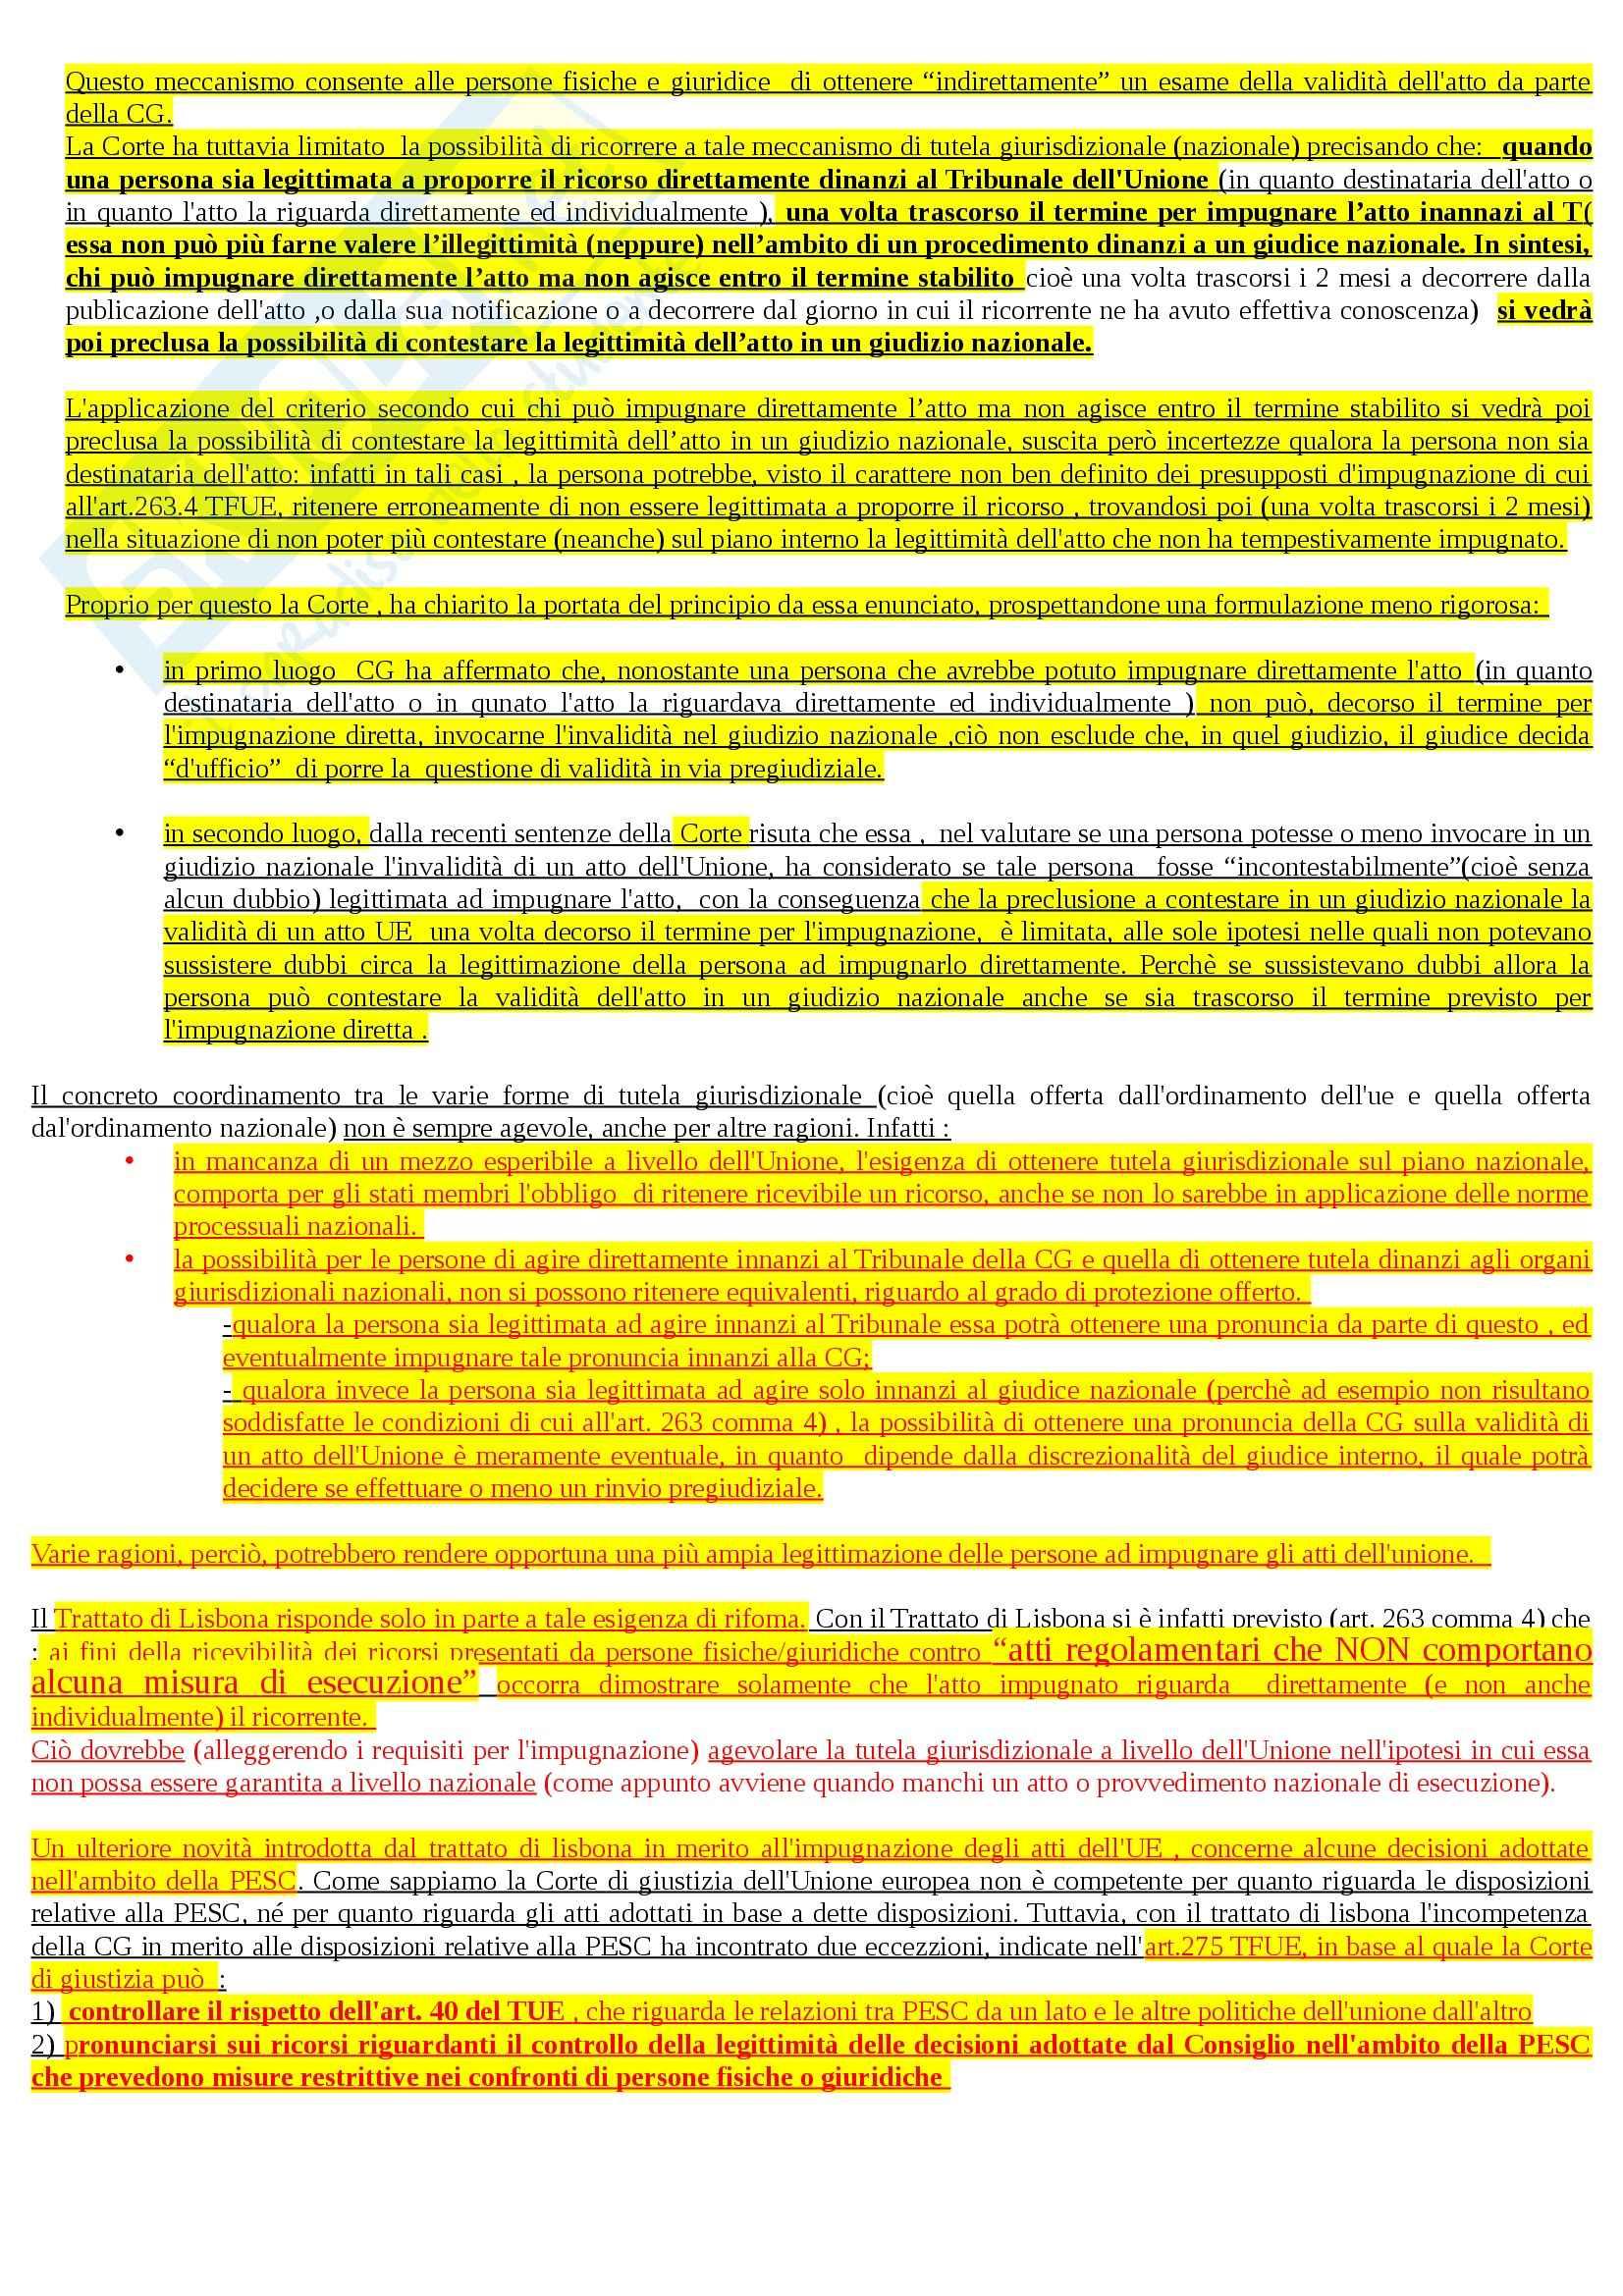 Riassunto esame Diritto dell'Unione Europea, prof. Adinolfi Pag. 21